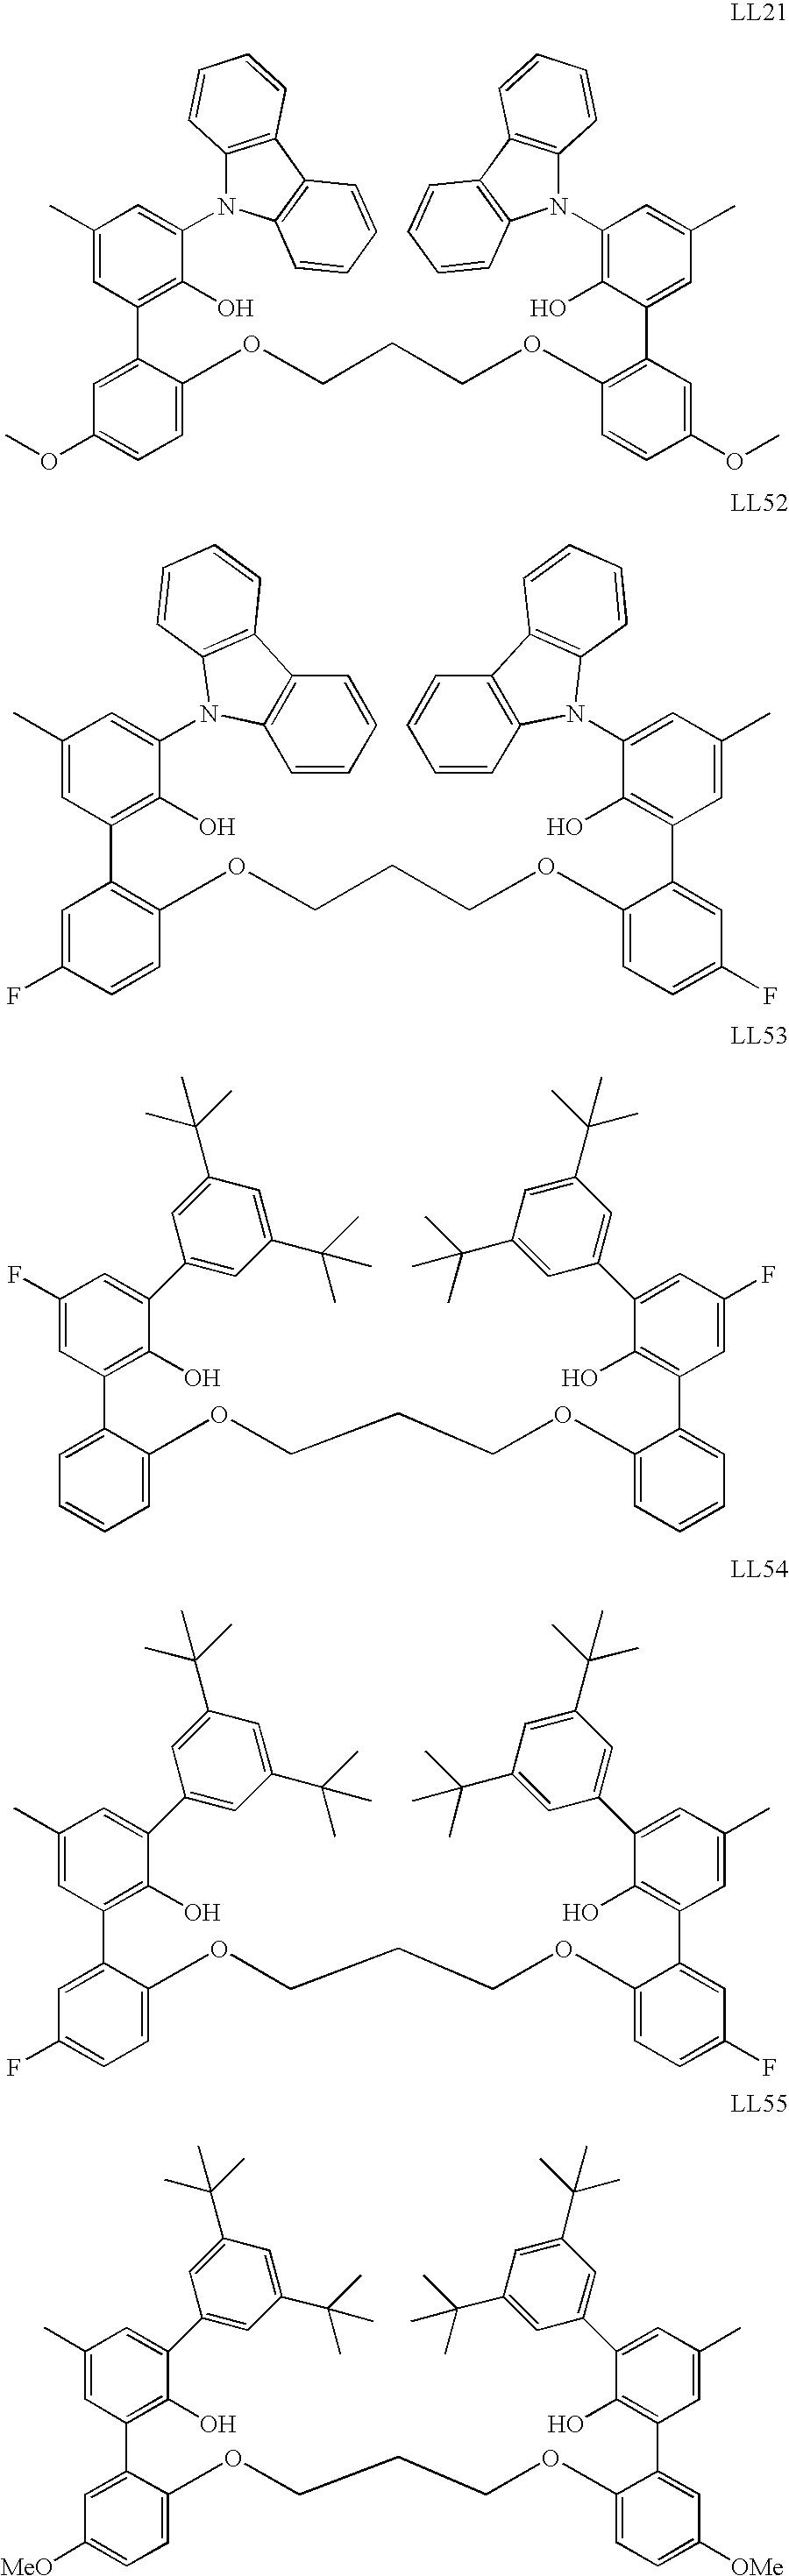 Figure US07241715-20070710-C00021